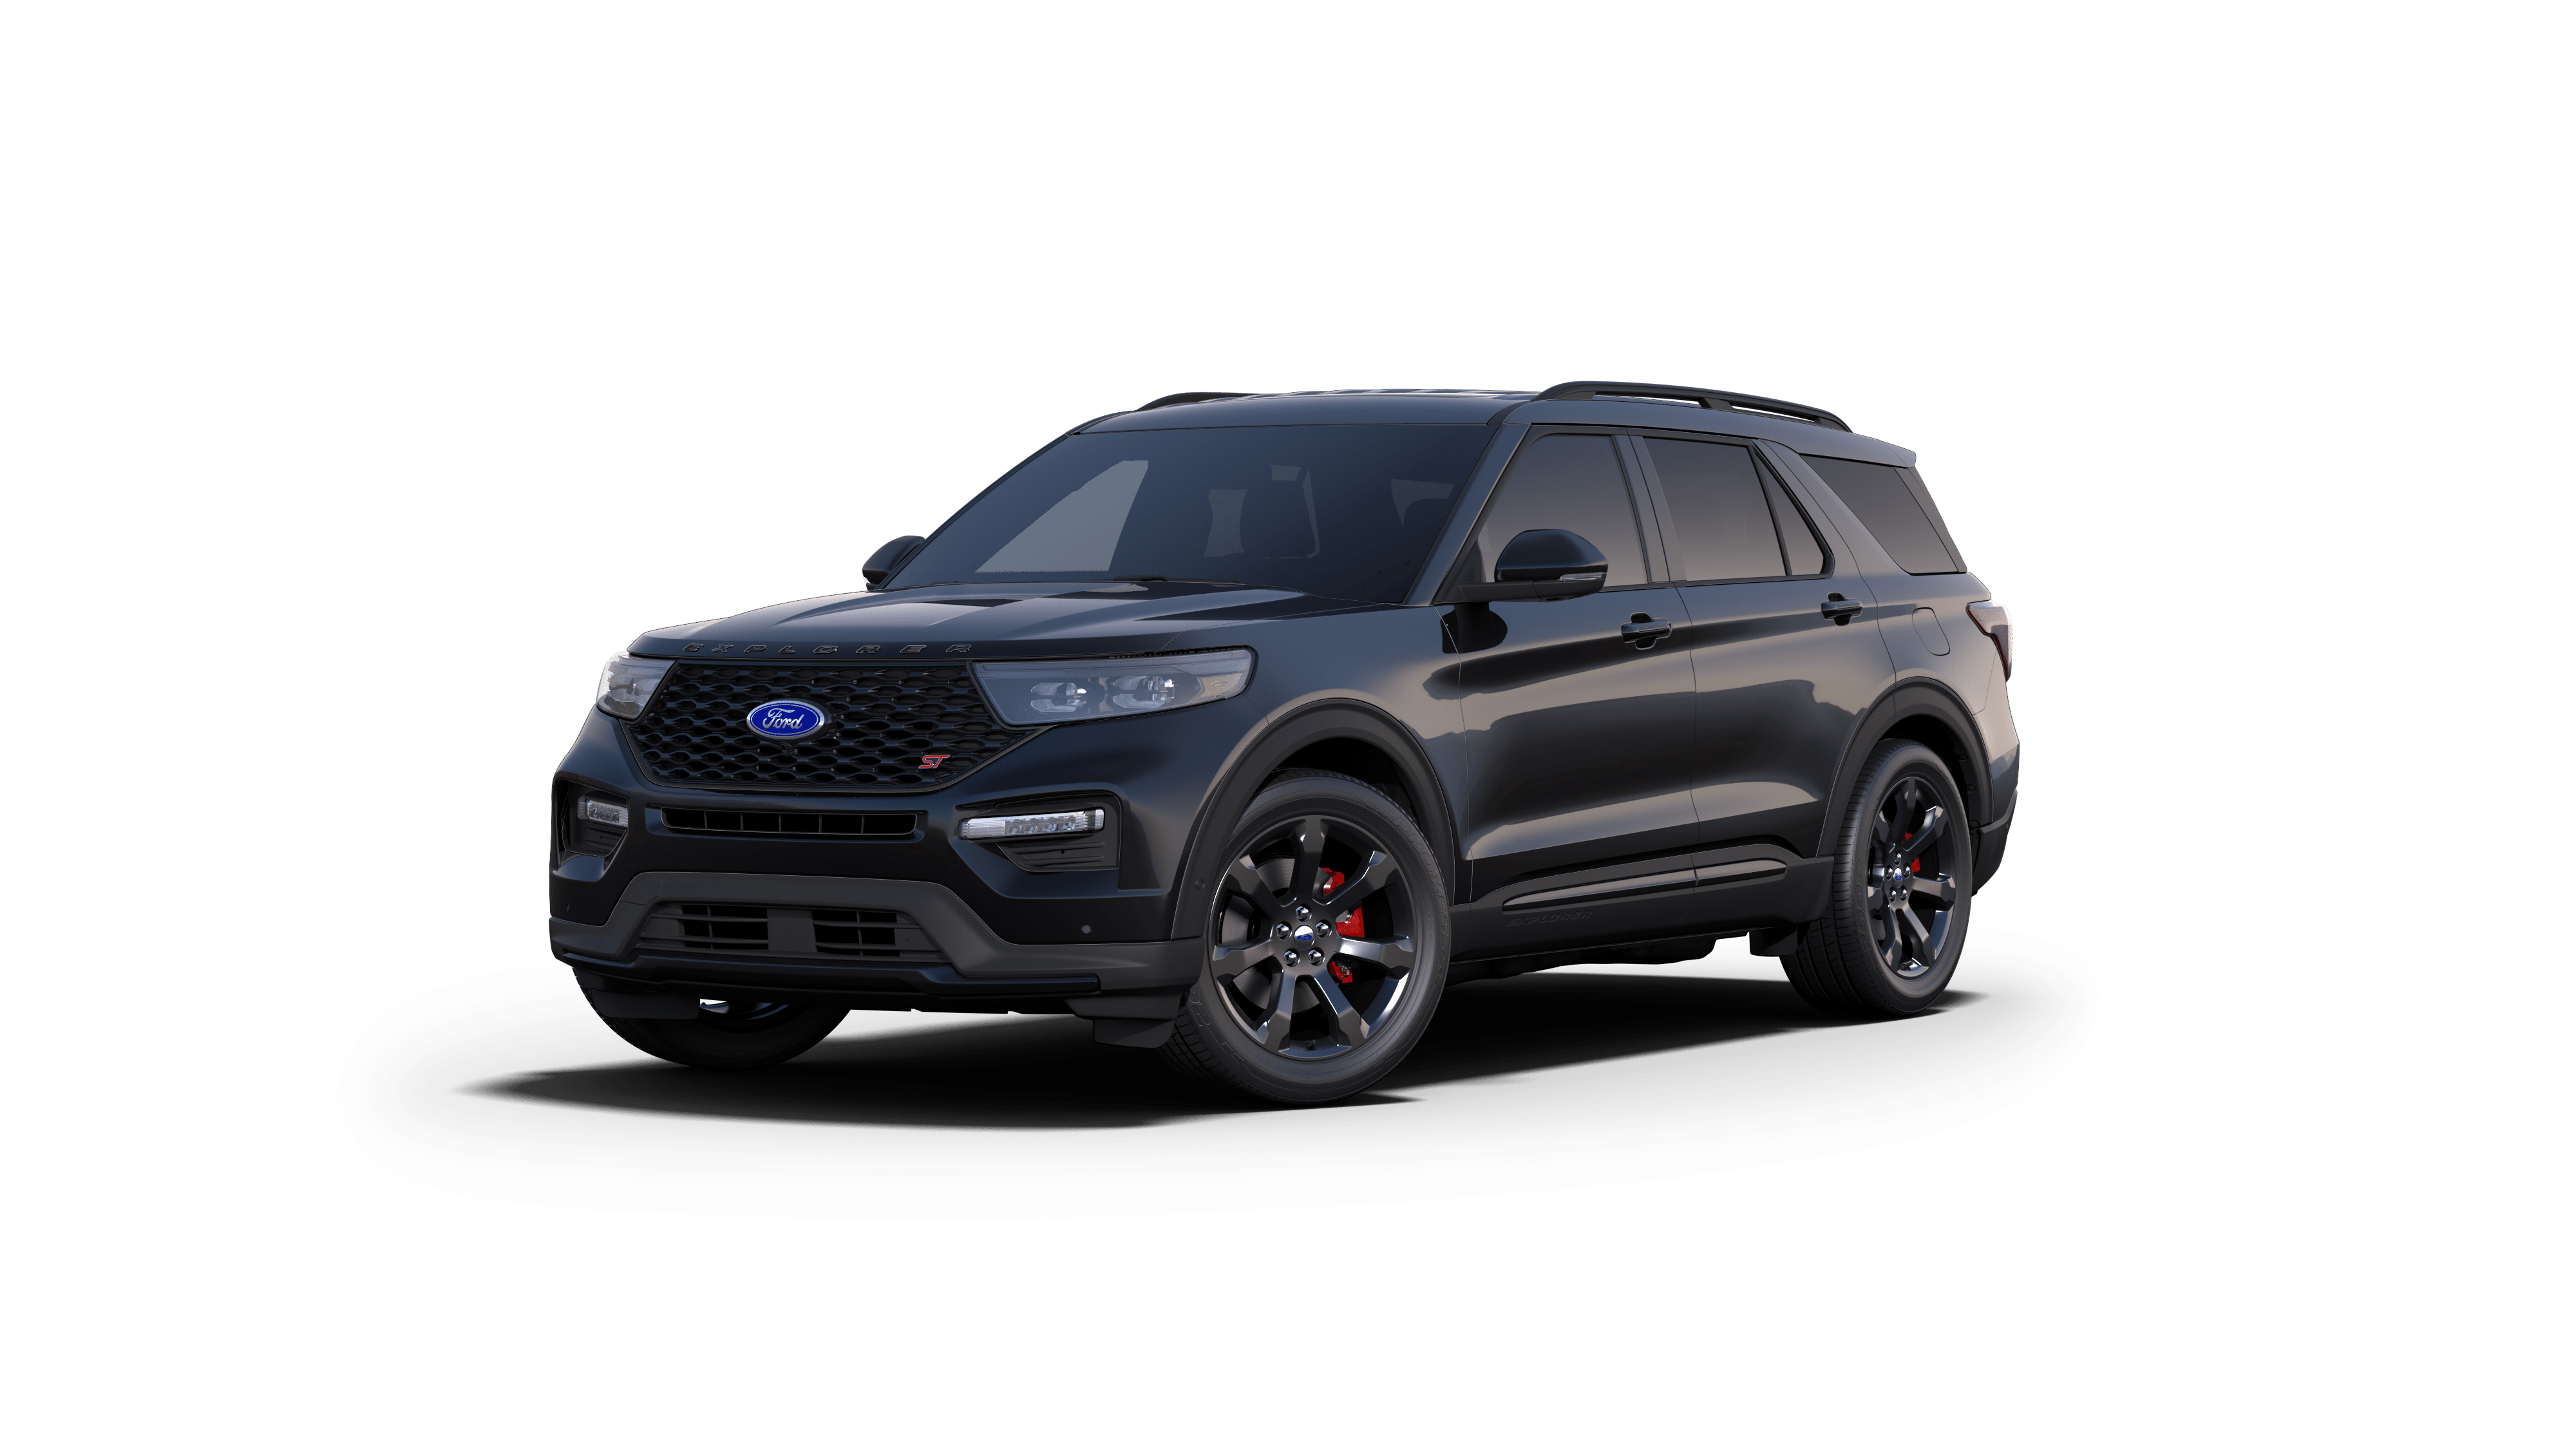 New Ford Explorer >> Smyrna New Ford Explorer Vehicles For Sale